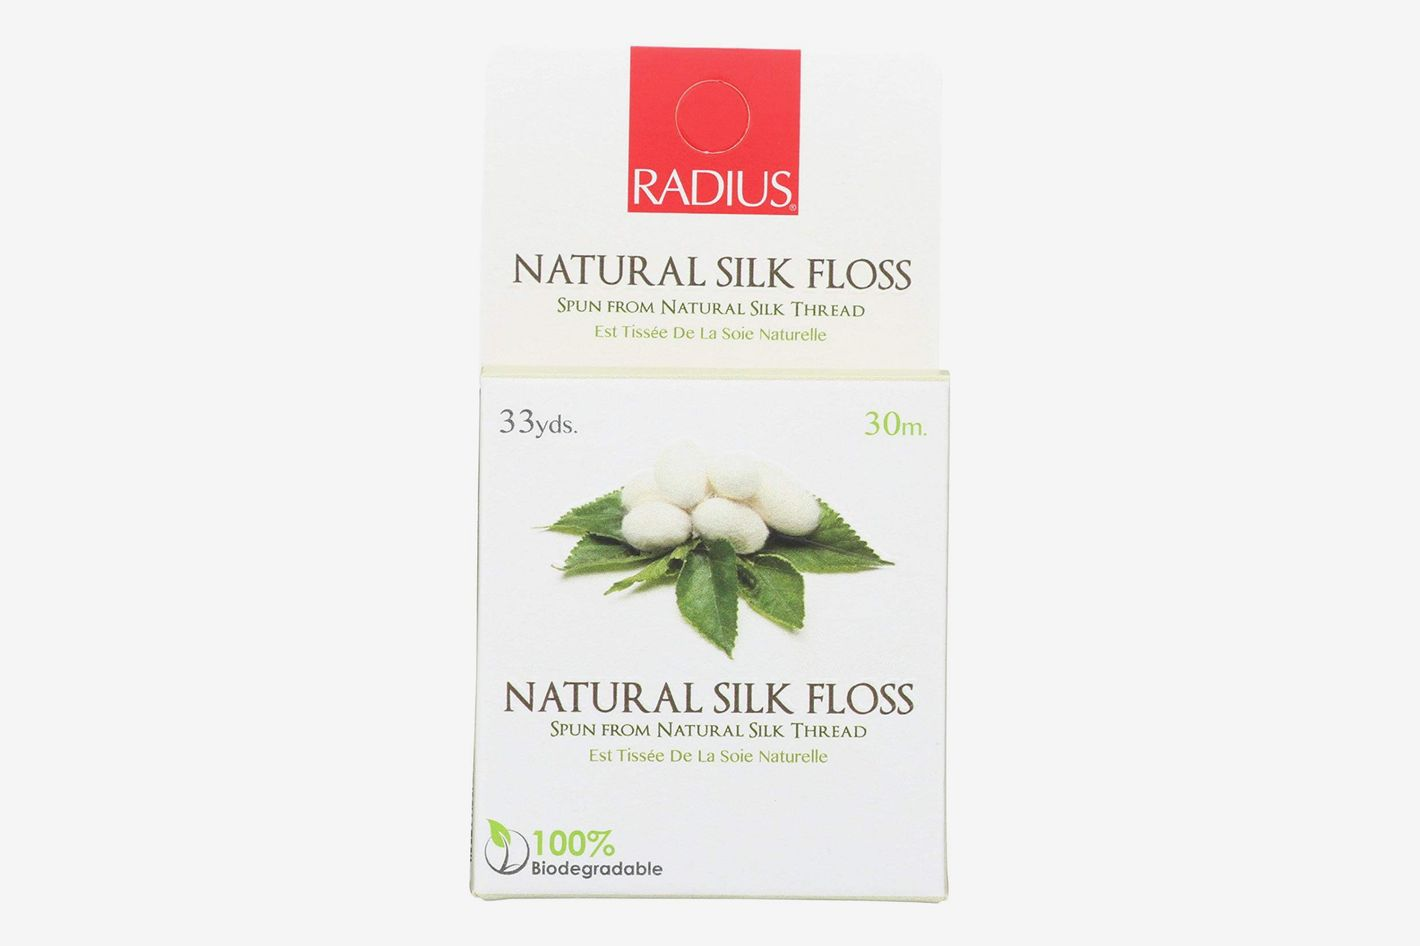 RADIUS Natural Silk Floss, Pack of 6